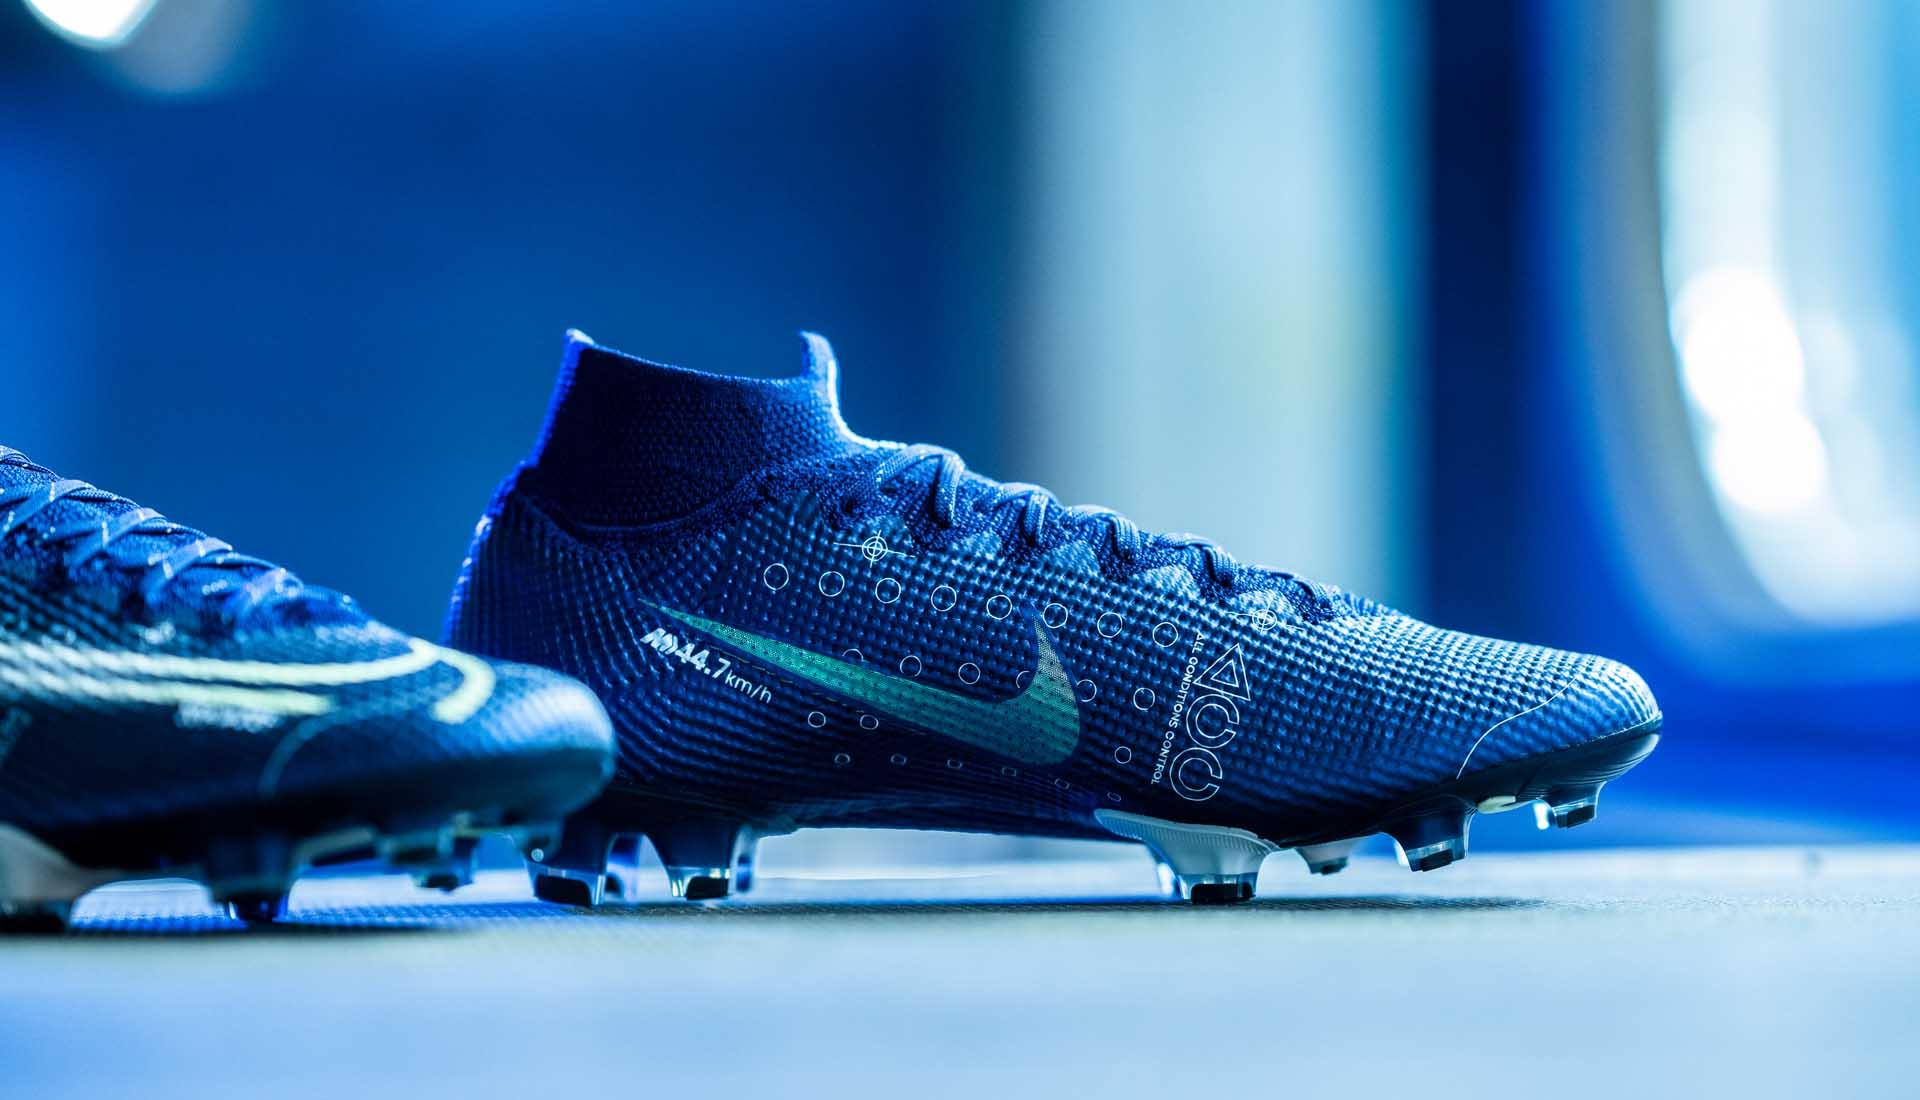 De nieuwe Nike Mercurial DREAM SPEED voetbalscho Voetbal